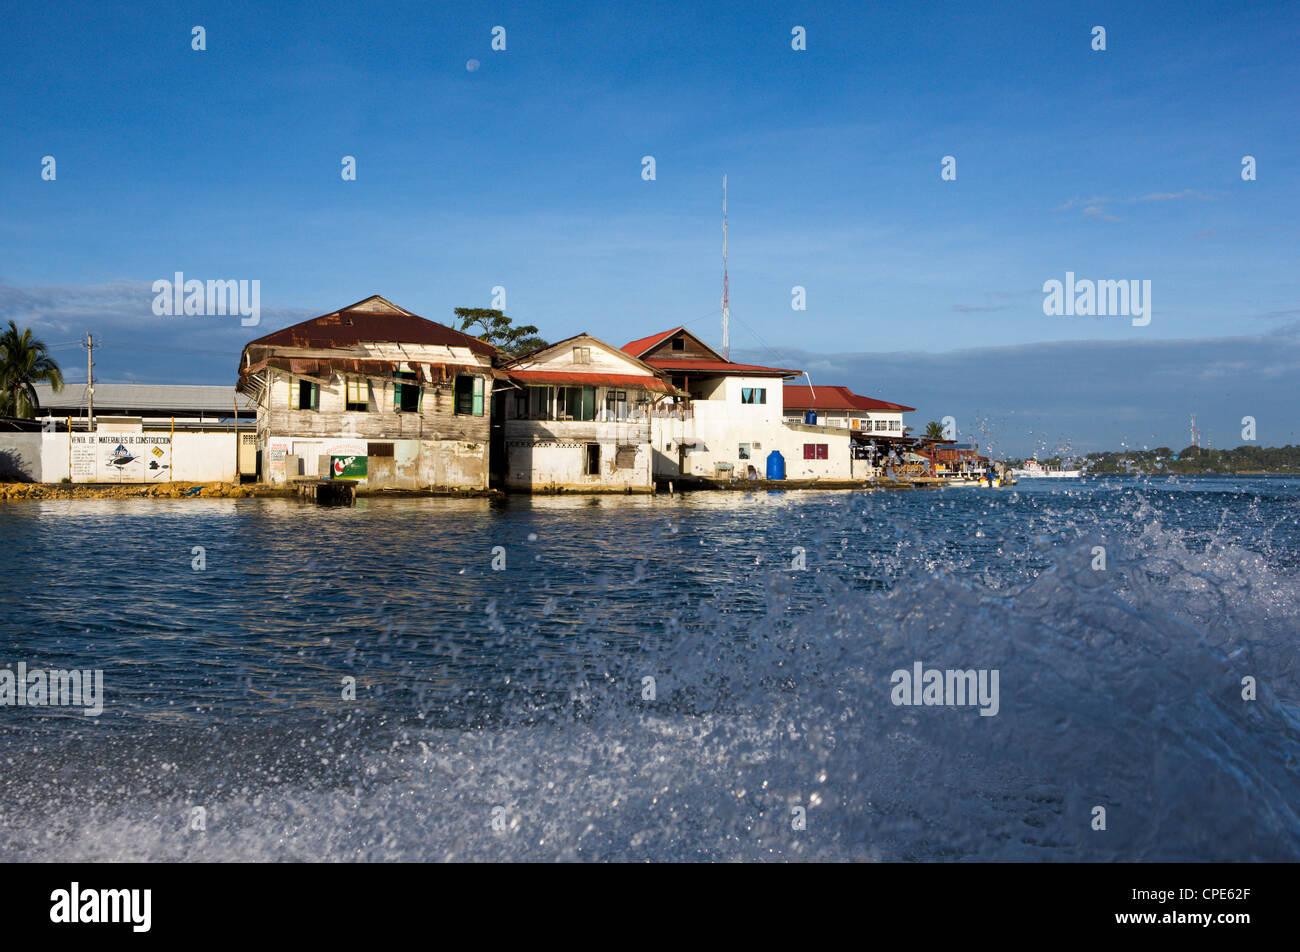 Gita in barca passato Colon isola in Bocas del Toro, Panama America Centrale Immagini Stock